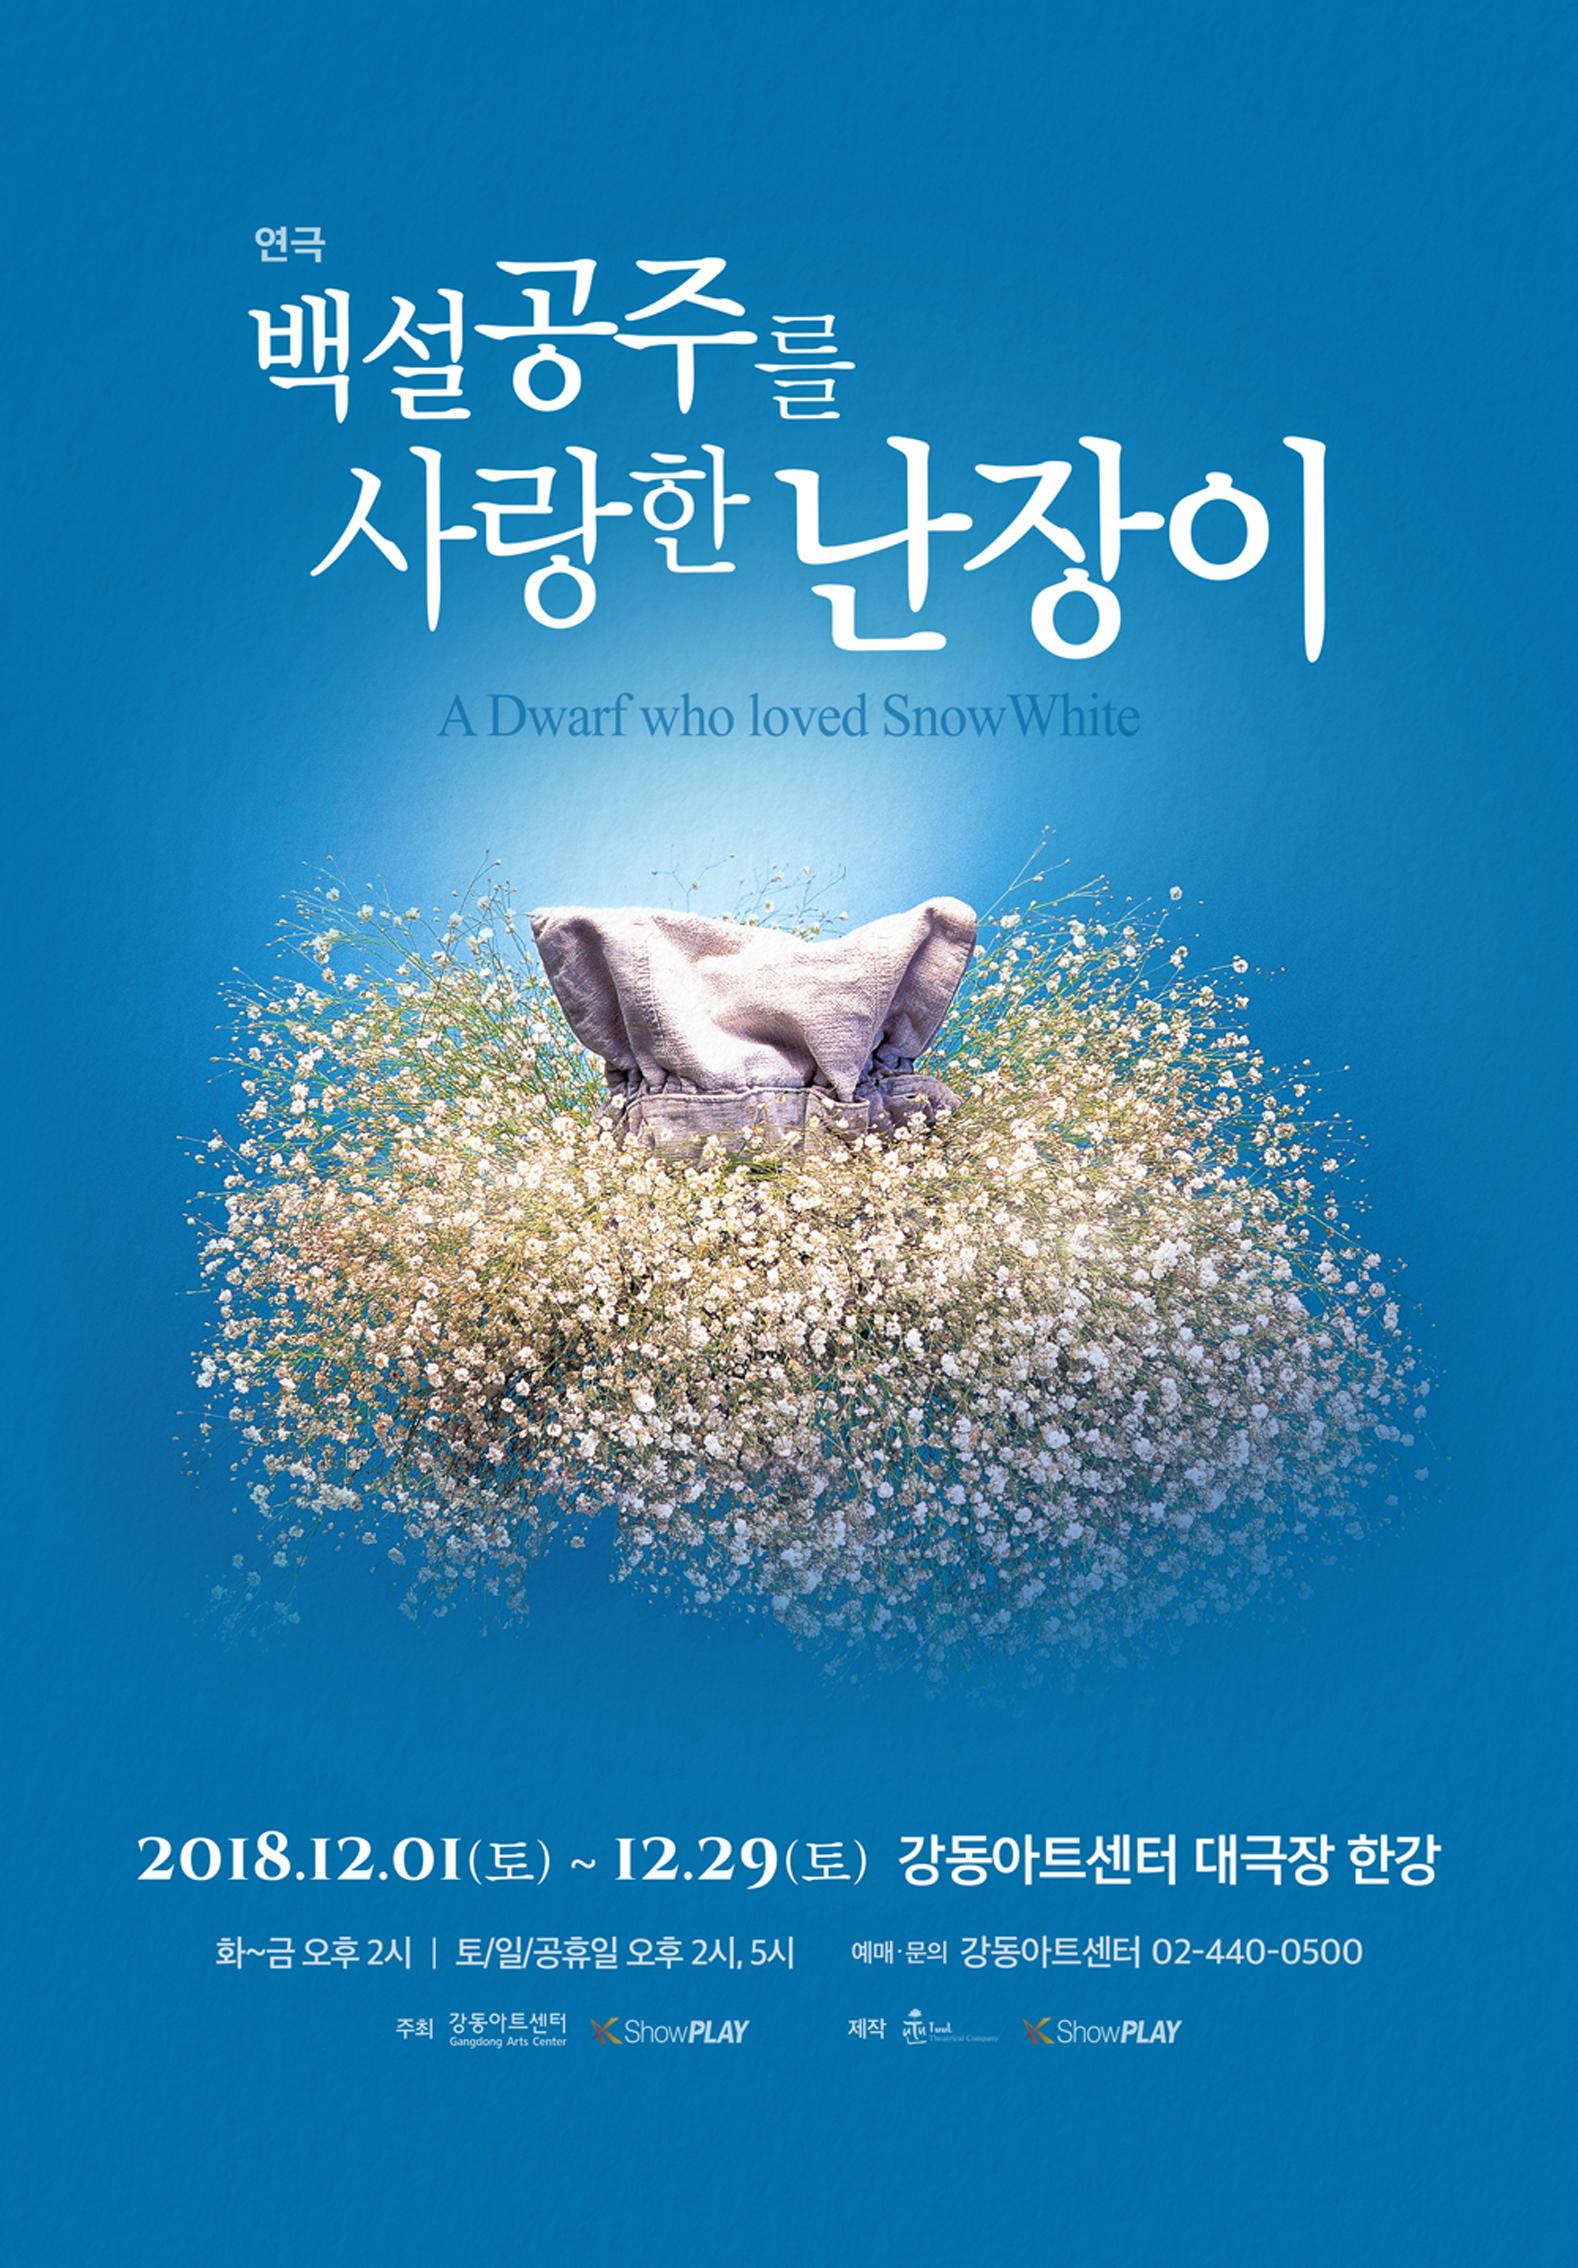 [공연] 연극 <백설공주를 사랑한 난장이> 17주년의 감동의 무대, 강동아트센터에서 대미